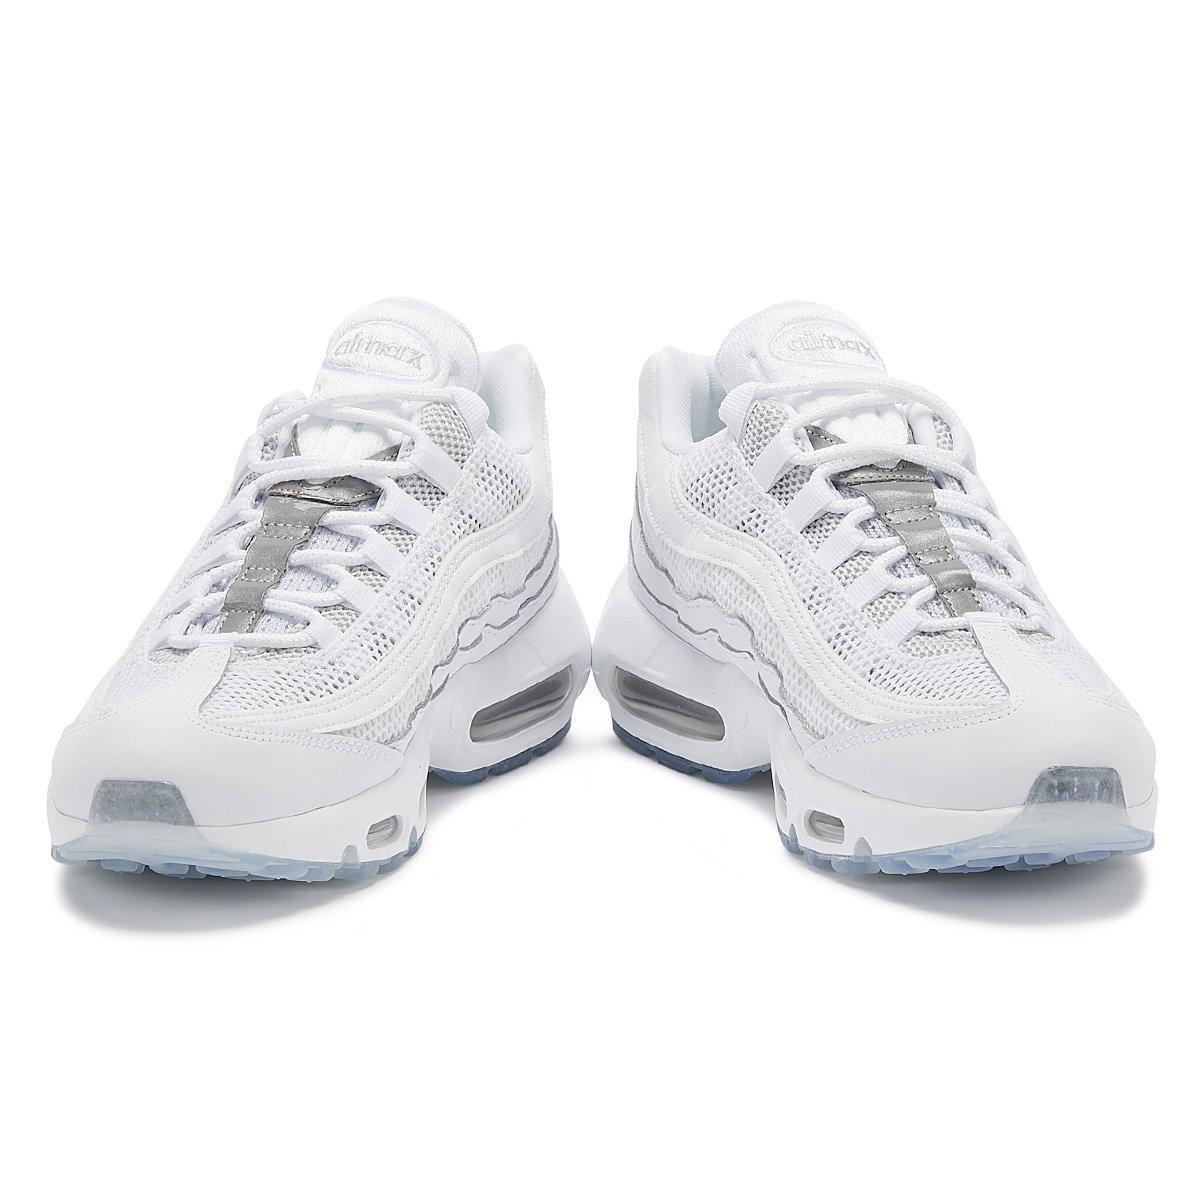 Détails sur Nike Air Max 95 Essential Blanc Homme Argent Baskets À Lacets Sport Chaussures De Loisirs afficher le titre d'origine